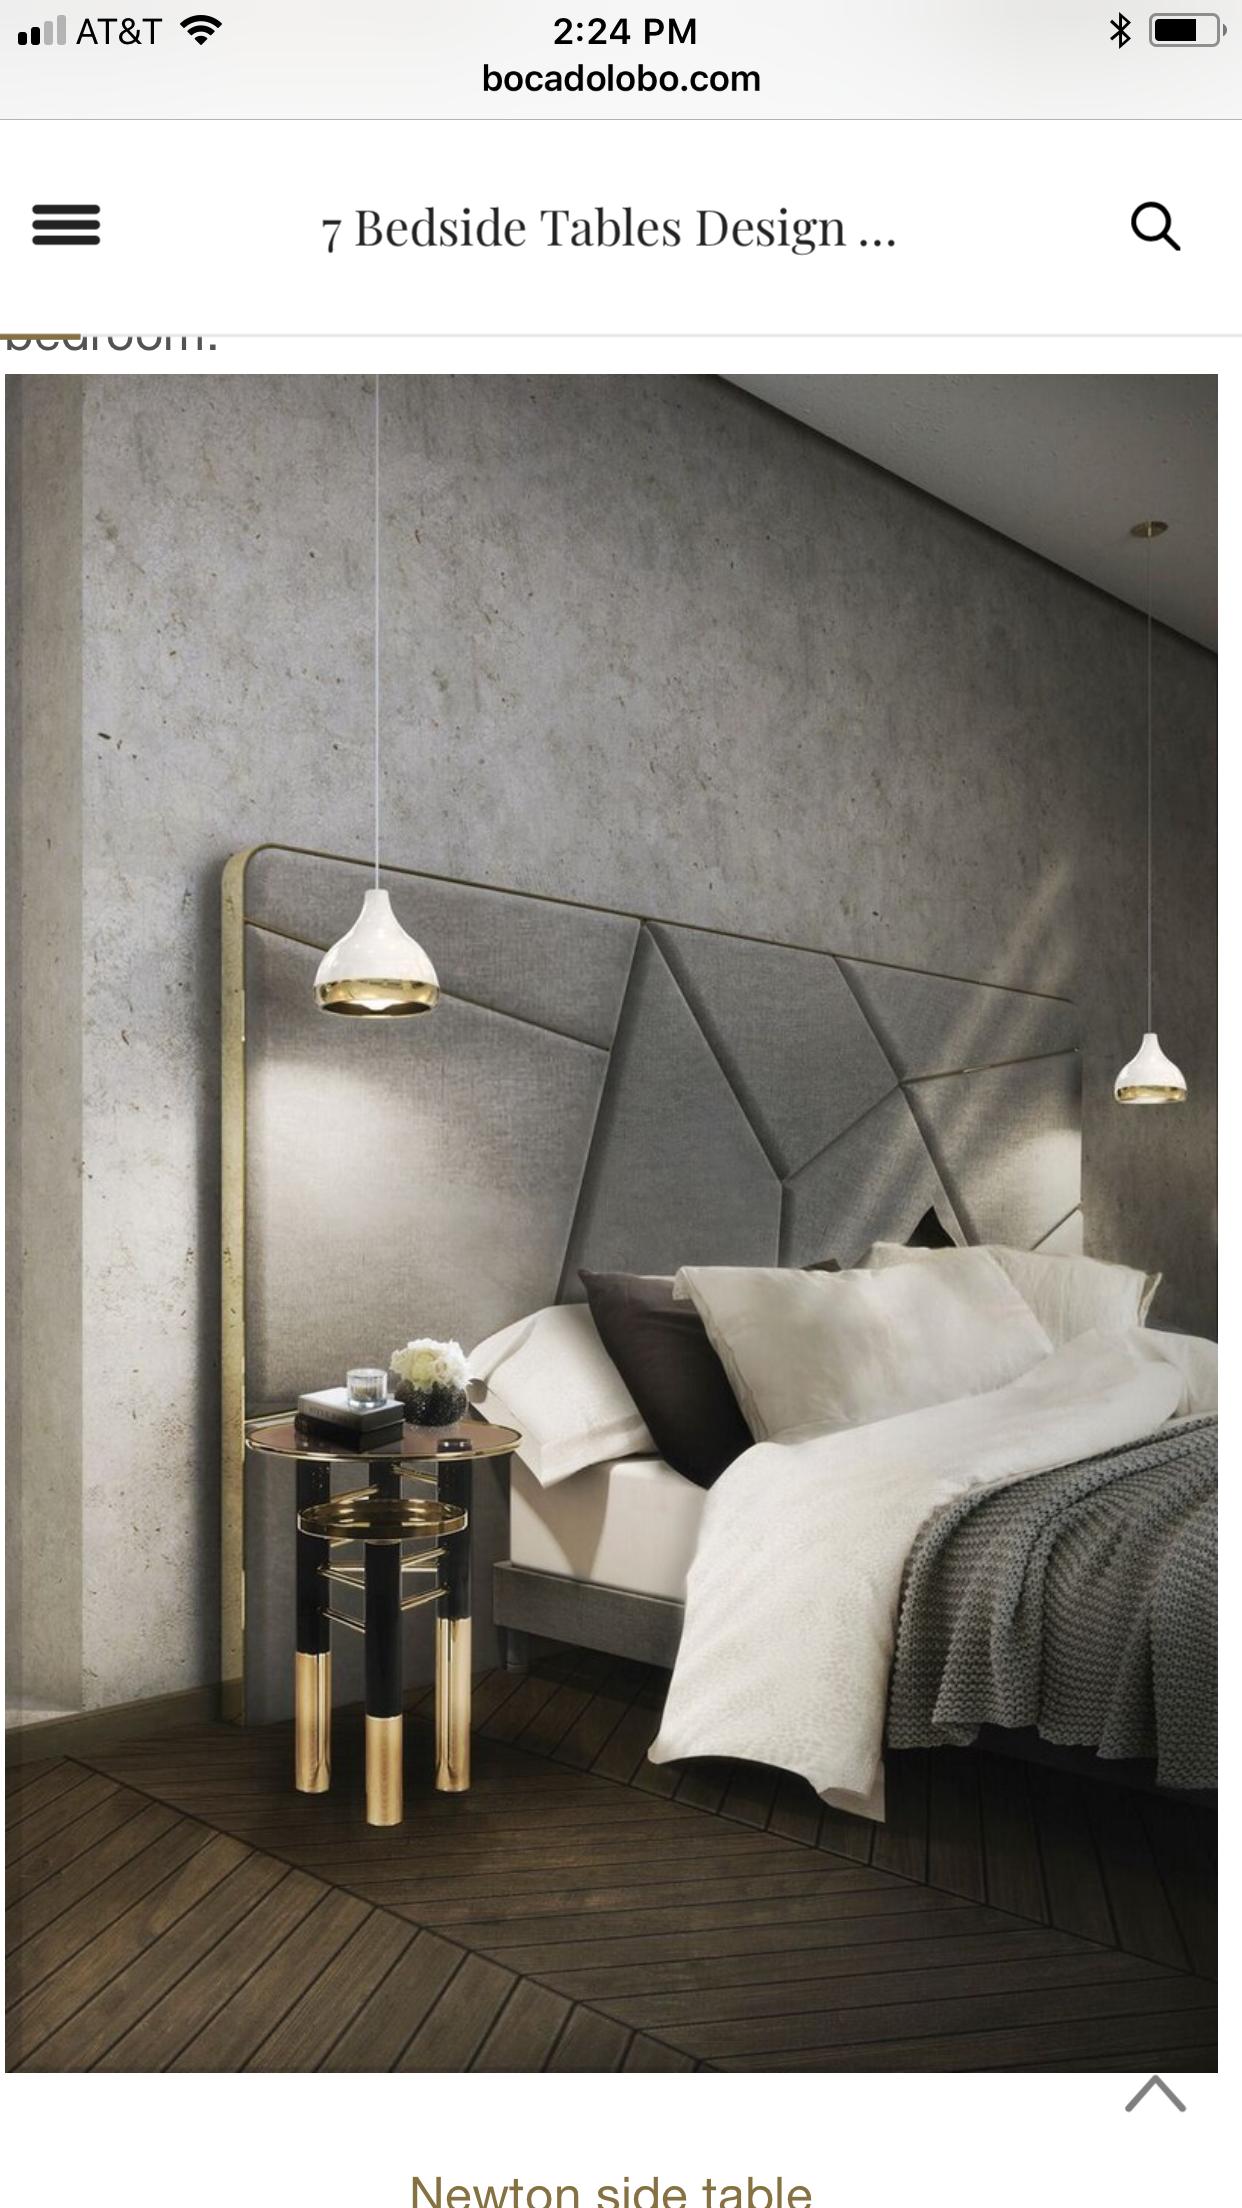 pin by bakkali ali on t te de lit bedroom bedroom decor rh pinterest com